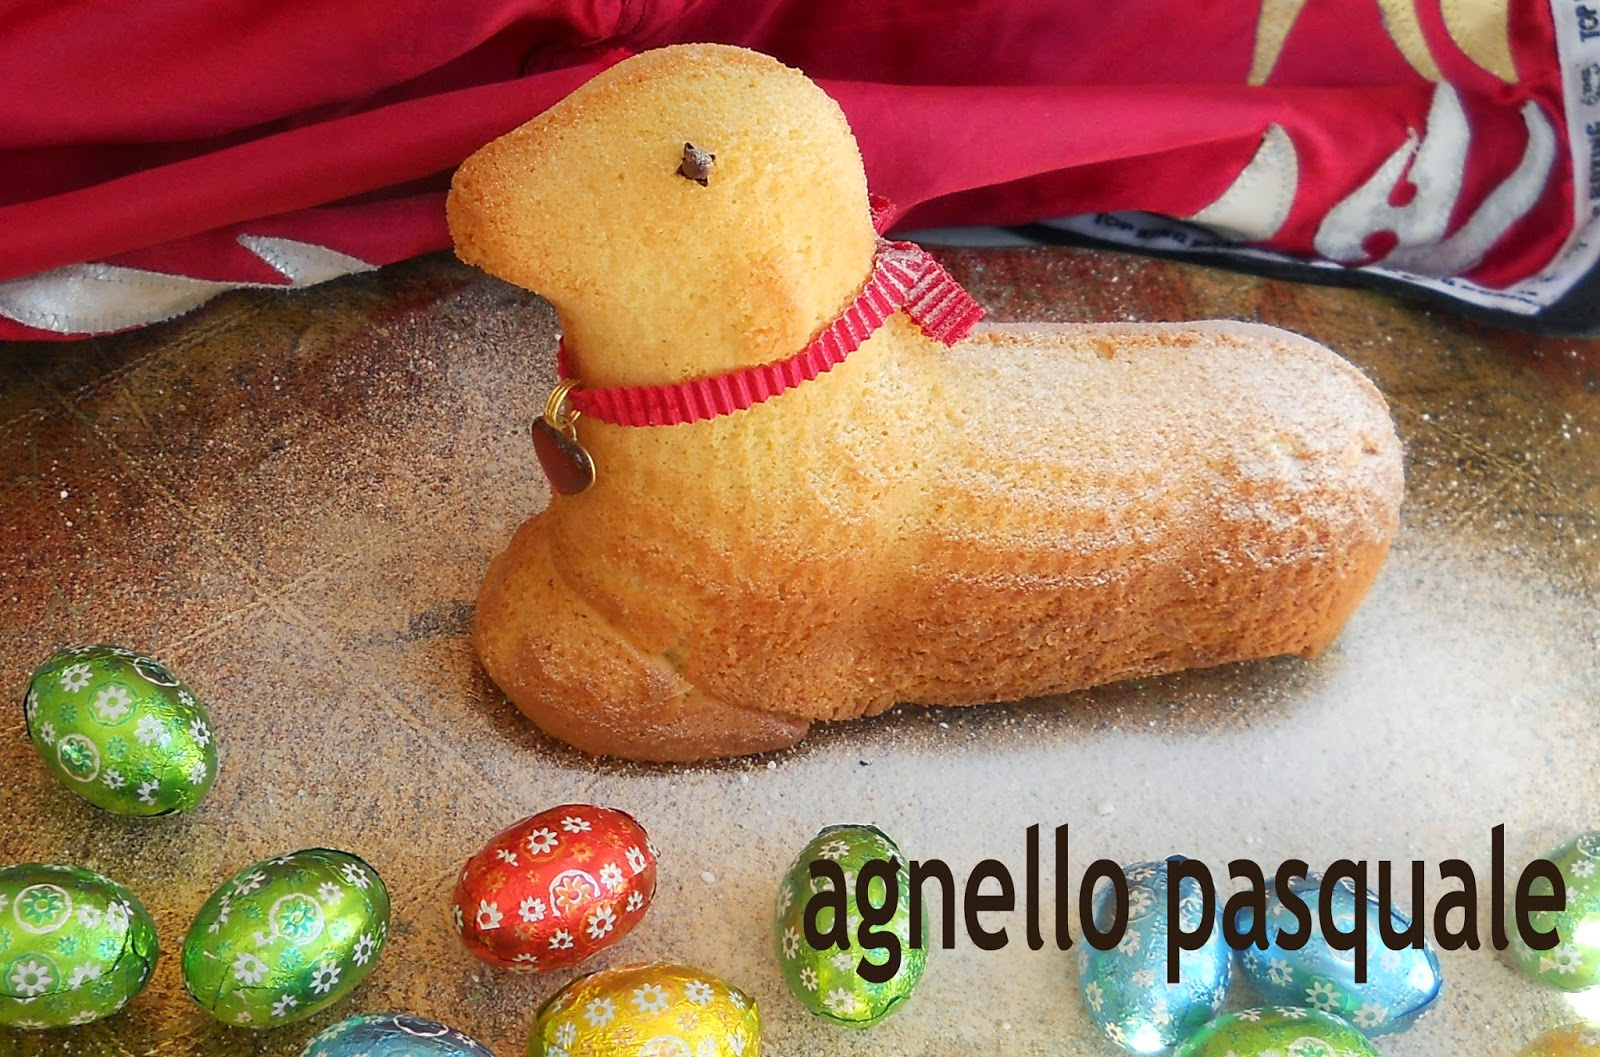 lammoform ovvero agnello pasquale all'arancia